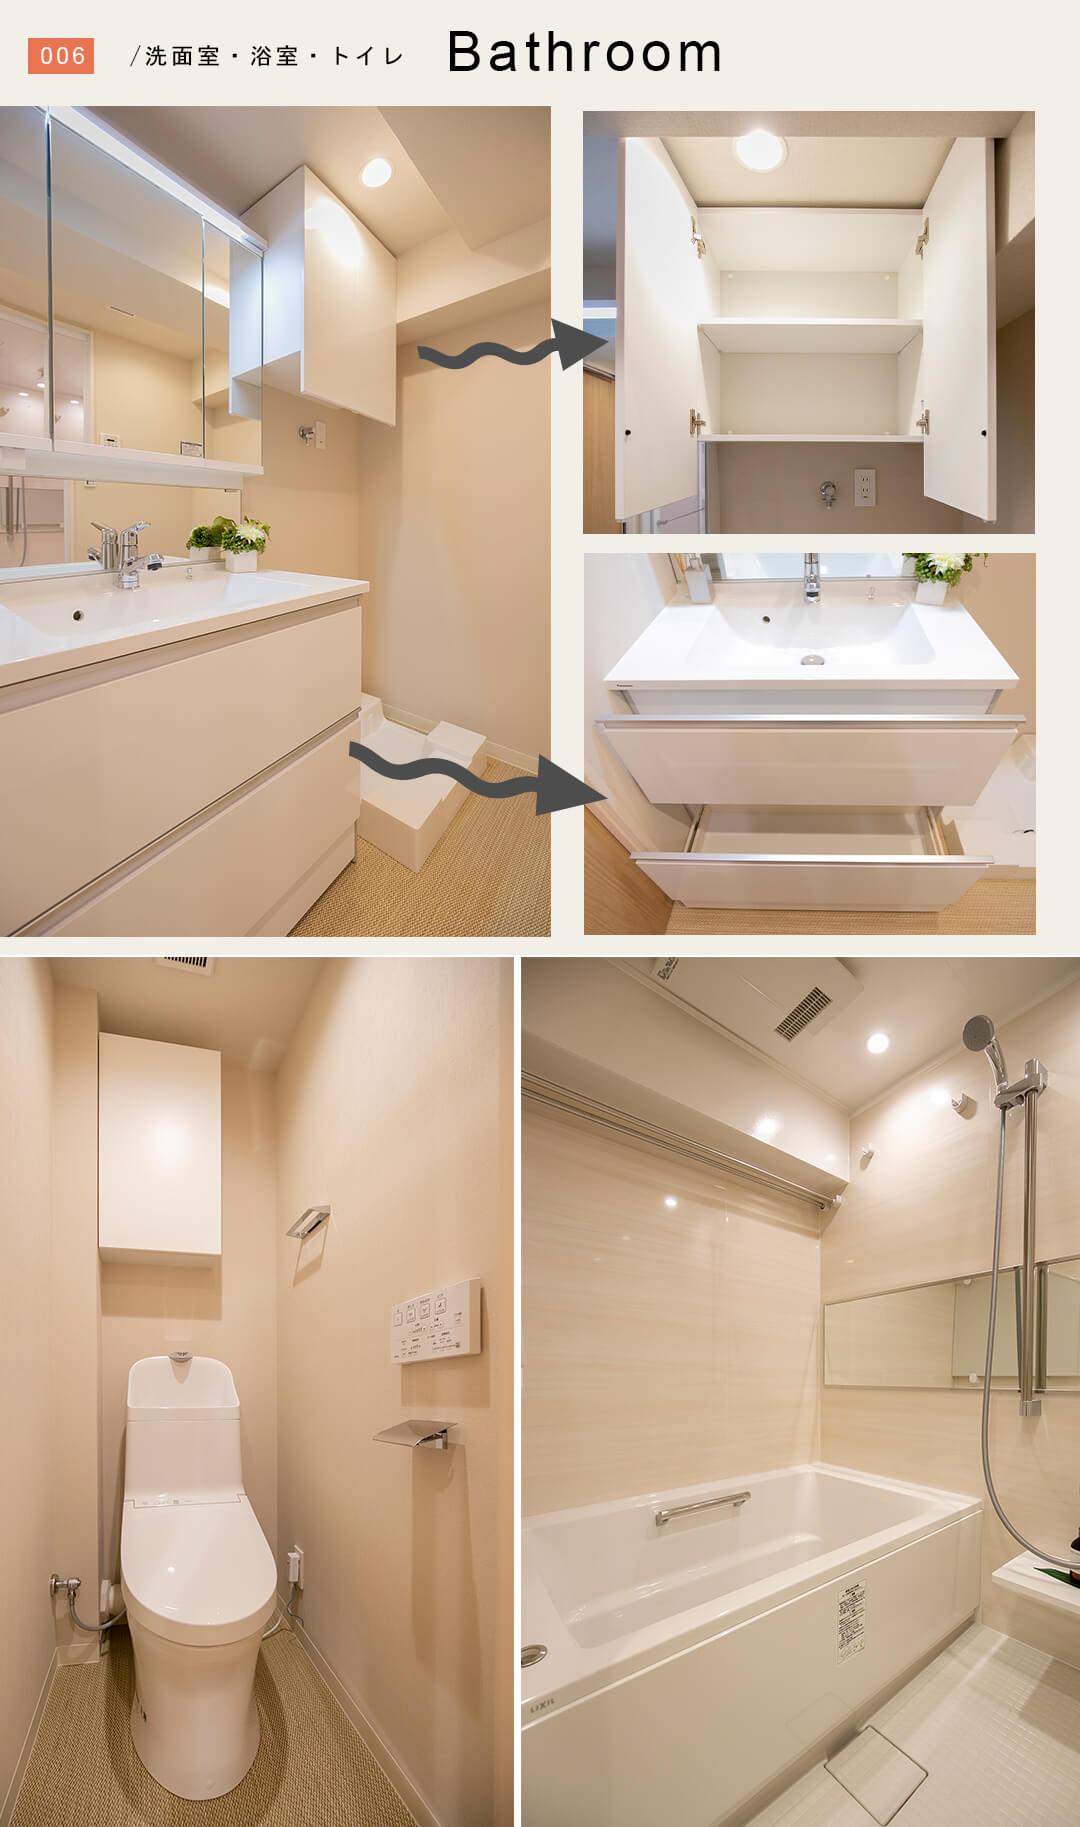 南阿佐ヶ谷ハイツの洗面室と浴室とトイレ